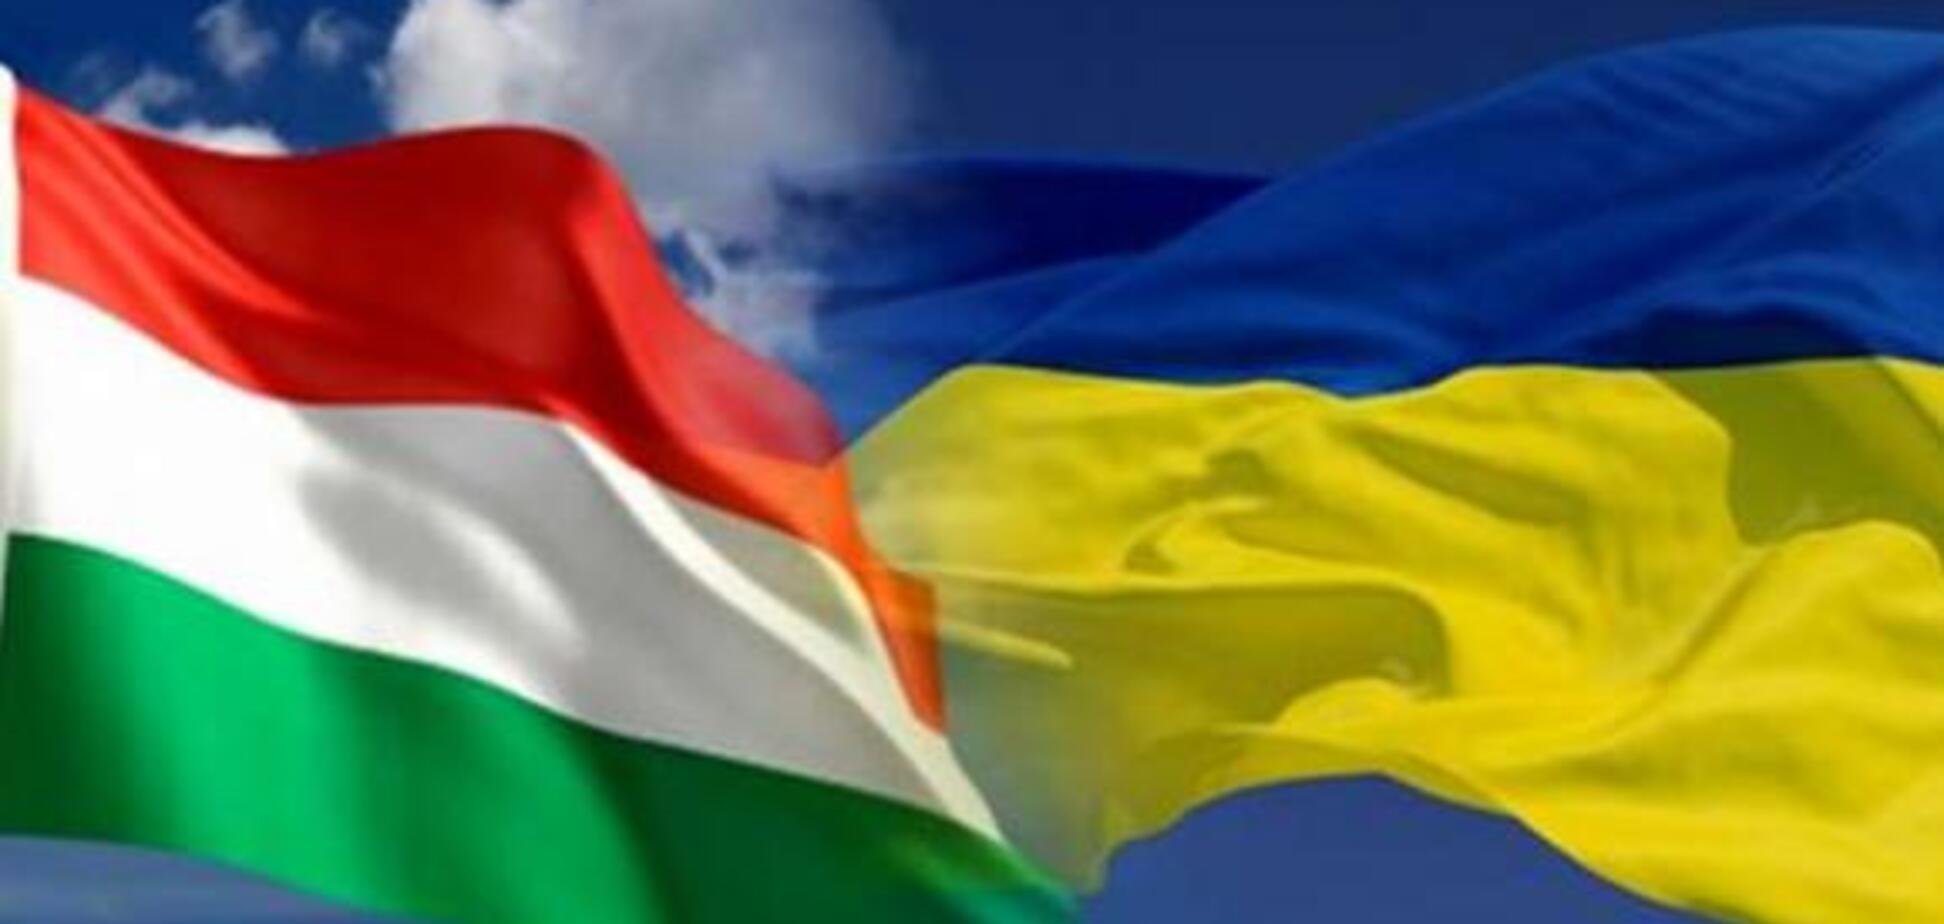 'Самі вирішимо свою долю': в Україні різко поставили на місце прем'єра Угорщини